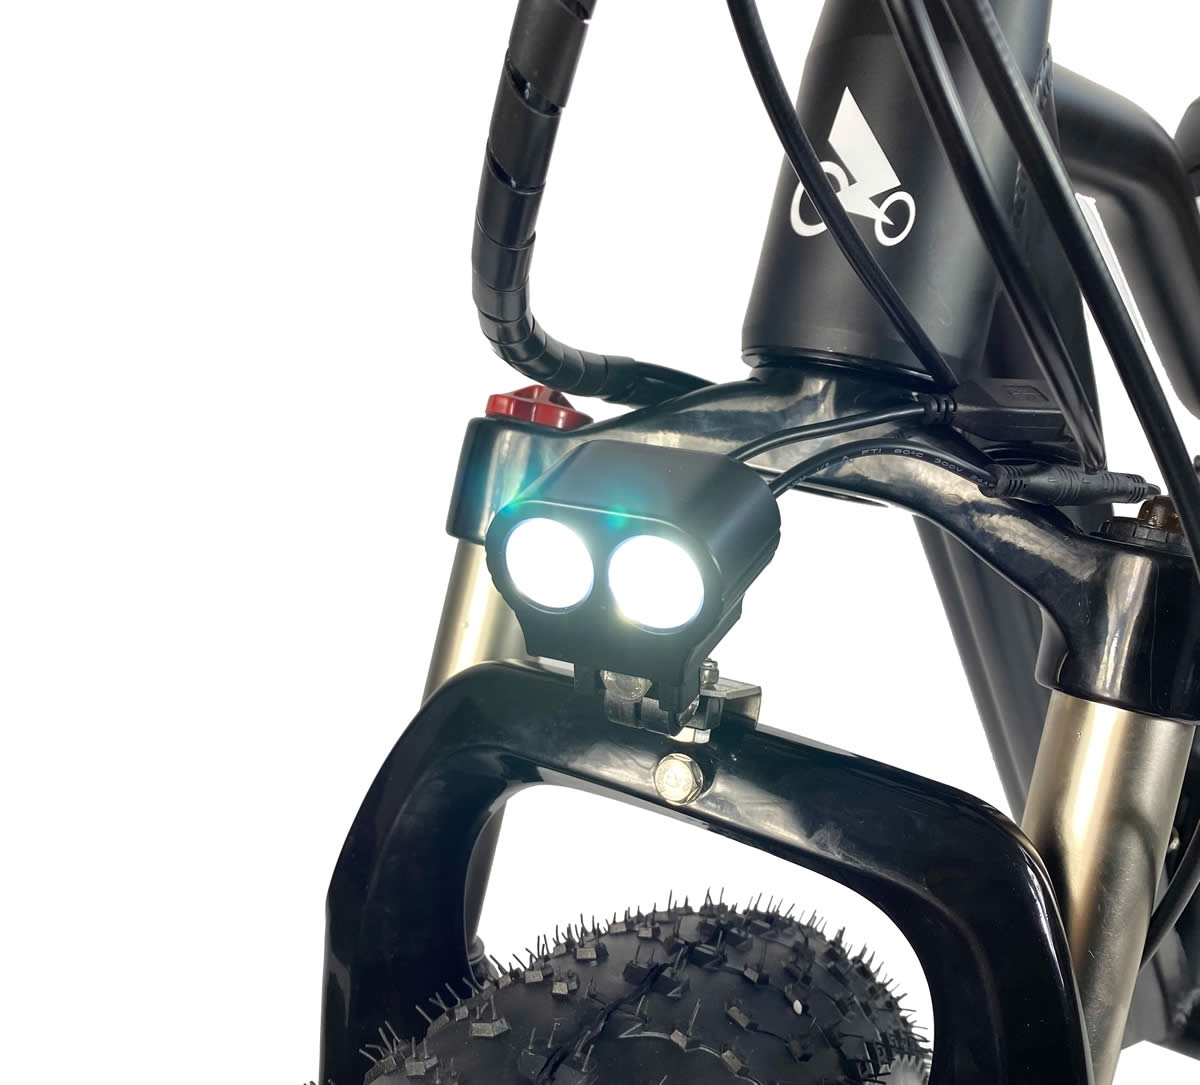 Luz led, cableado impermeable y suspensión de bloqueo